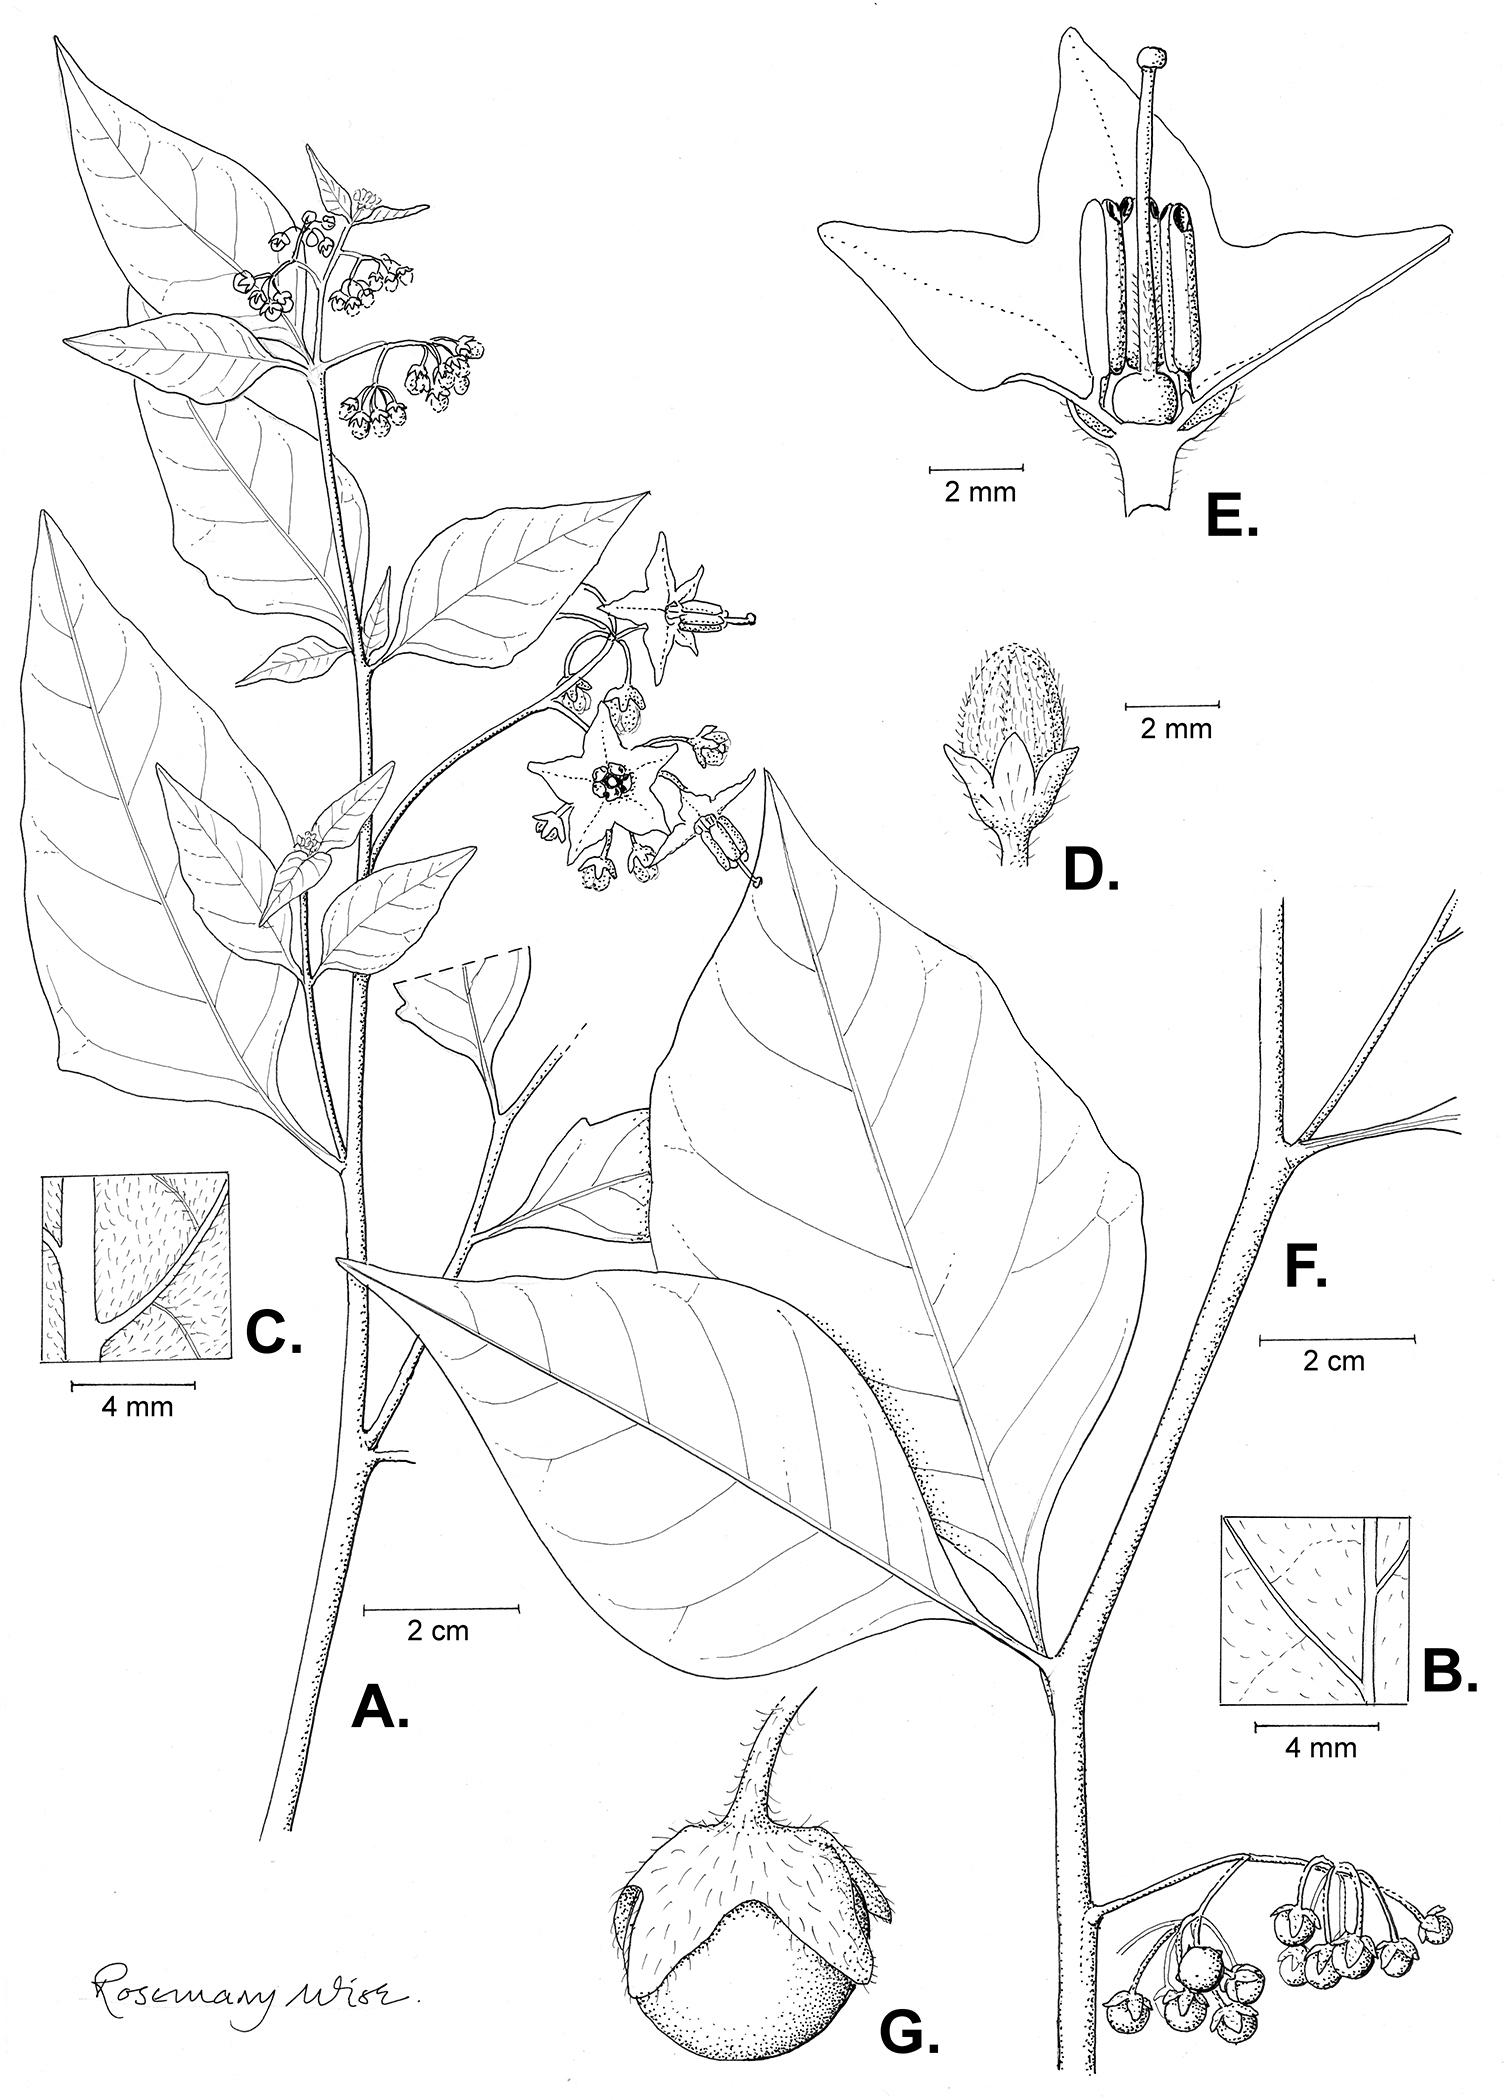 alex und flora, ihr sex kunst